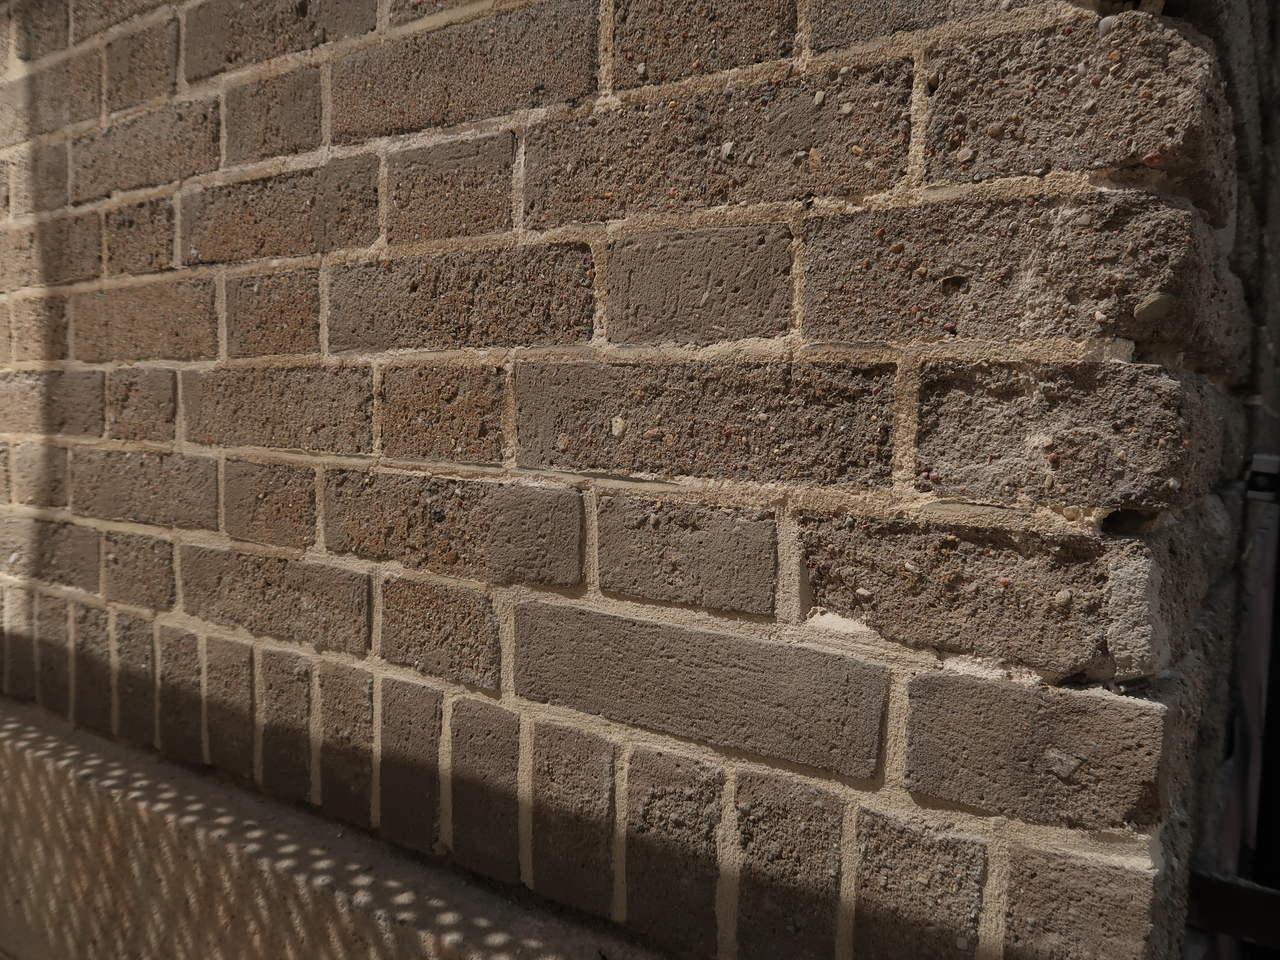 Fragment elewacji A budynku Uniwersytetu Morskiego po pracach konserwatorskich, widoczne uzupełnienia spoin oraz szarej cegły cementowej, narożnik przed remontem, fot. Biuro Miejskiego Konserwatora Zabytków